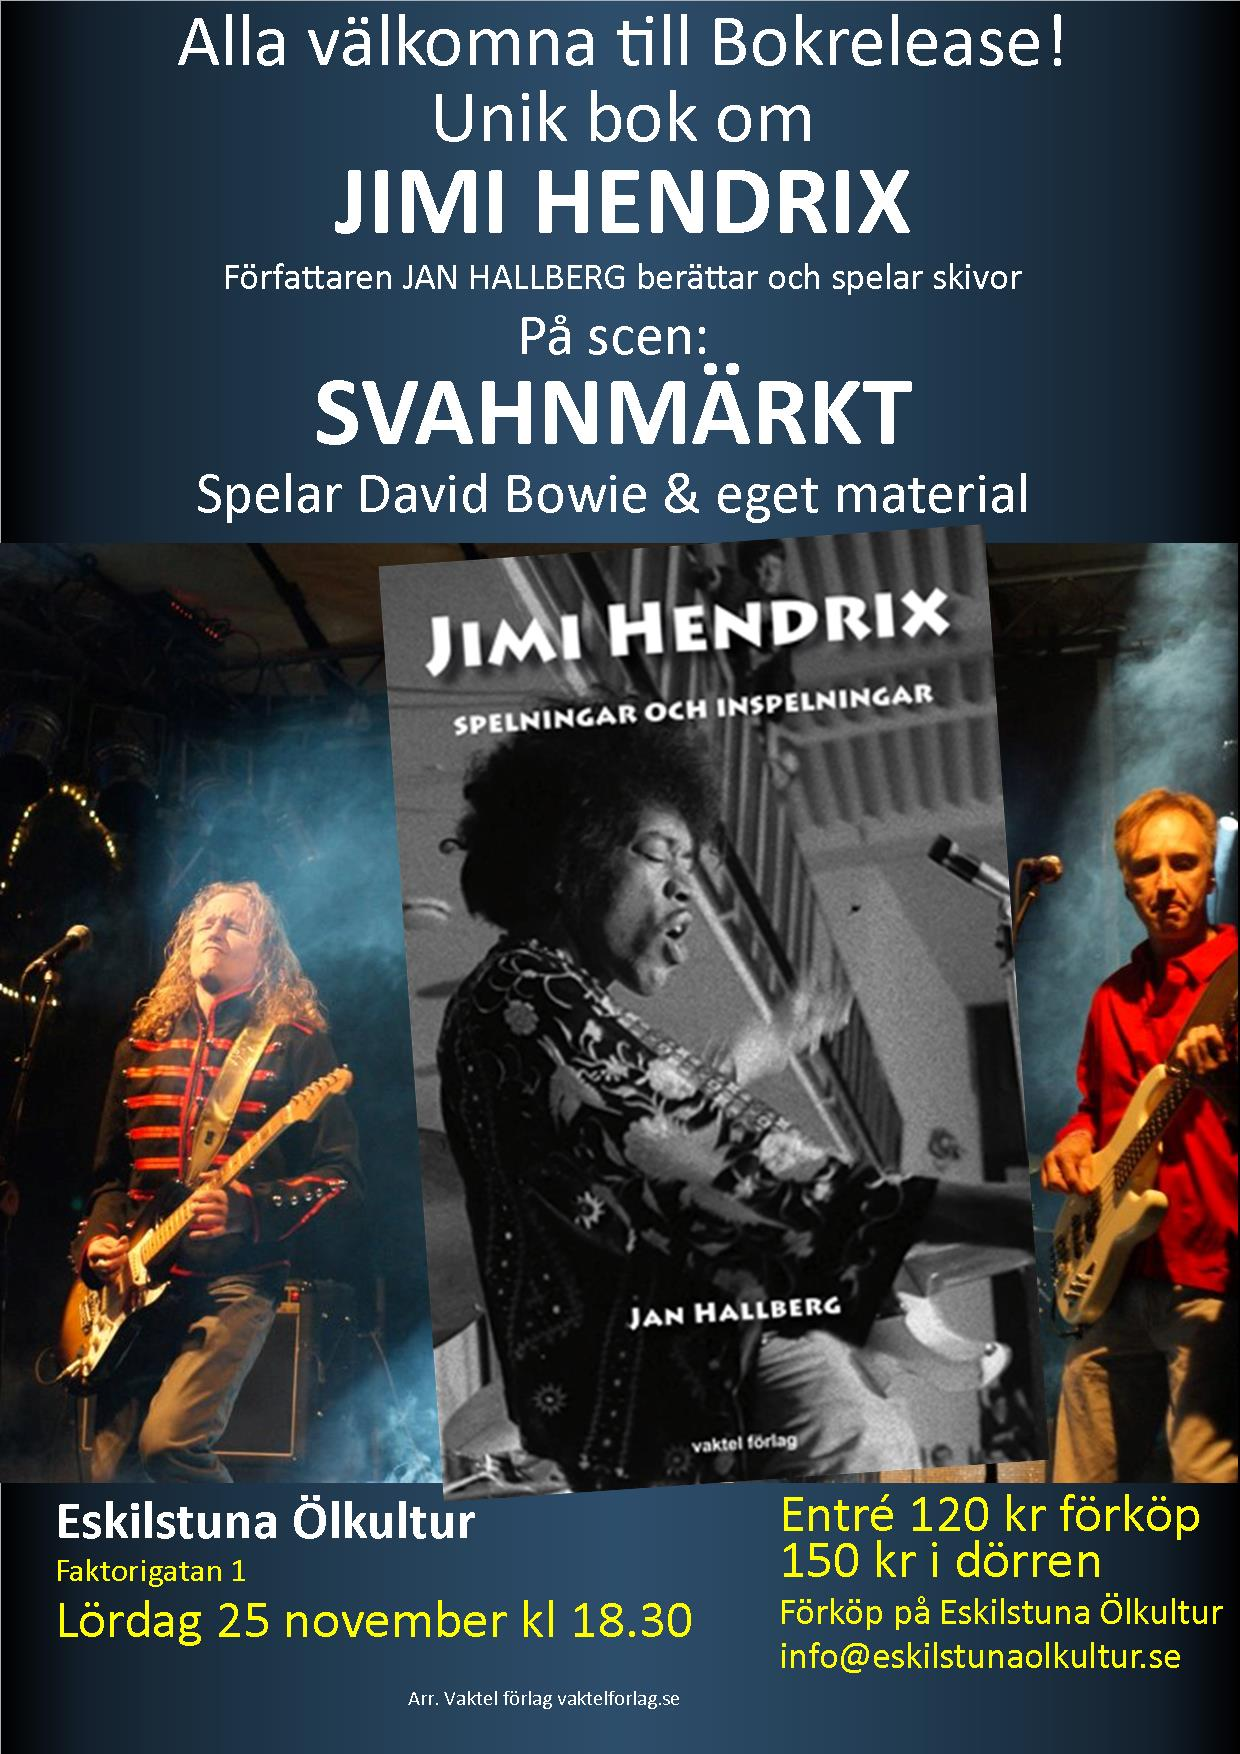 Lördag 25 nov kl 18.30: JIMI HENDRIX-AFTON! Vi firar Jimi Hendrix 75-årsdag!